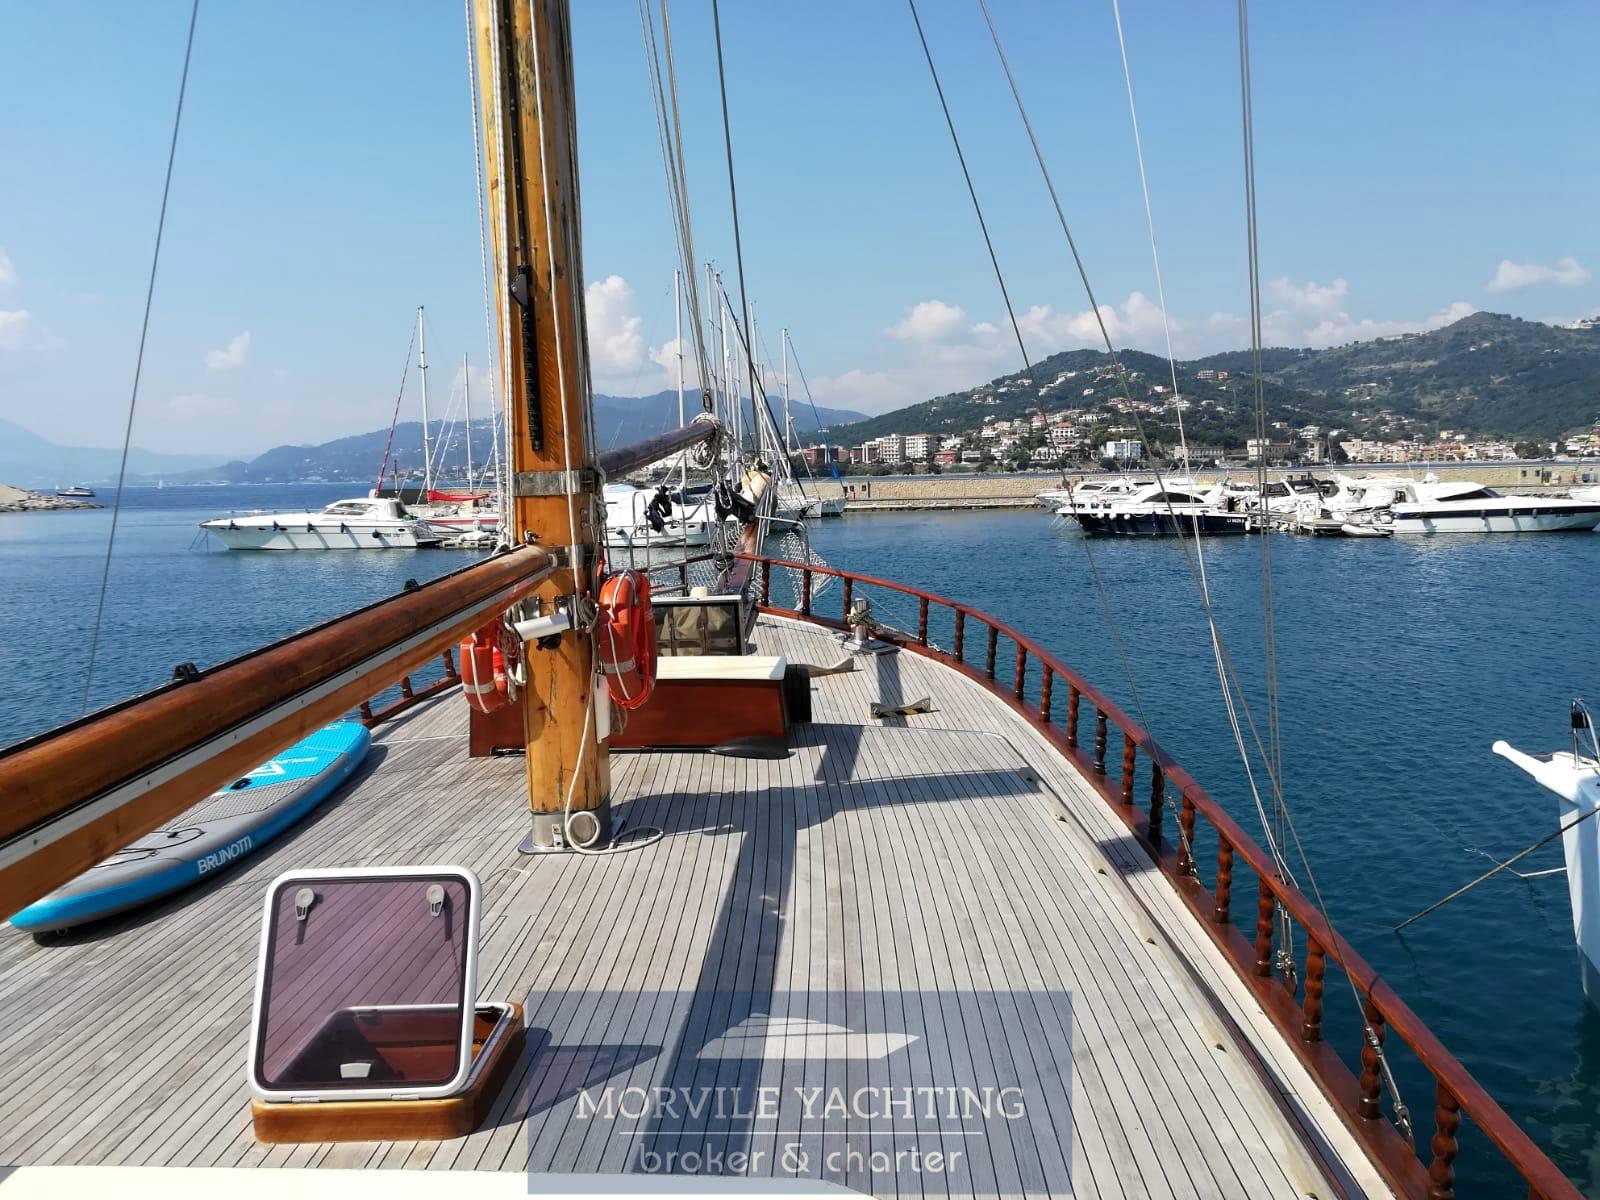 Caicco Turco arcadia motor boat